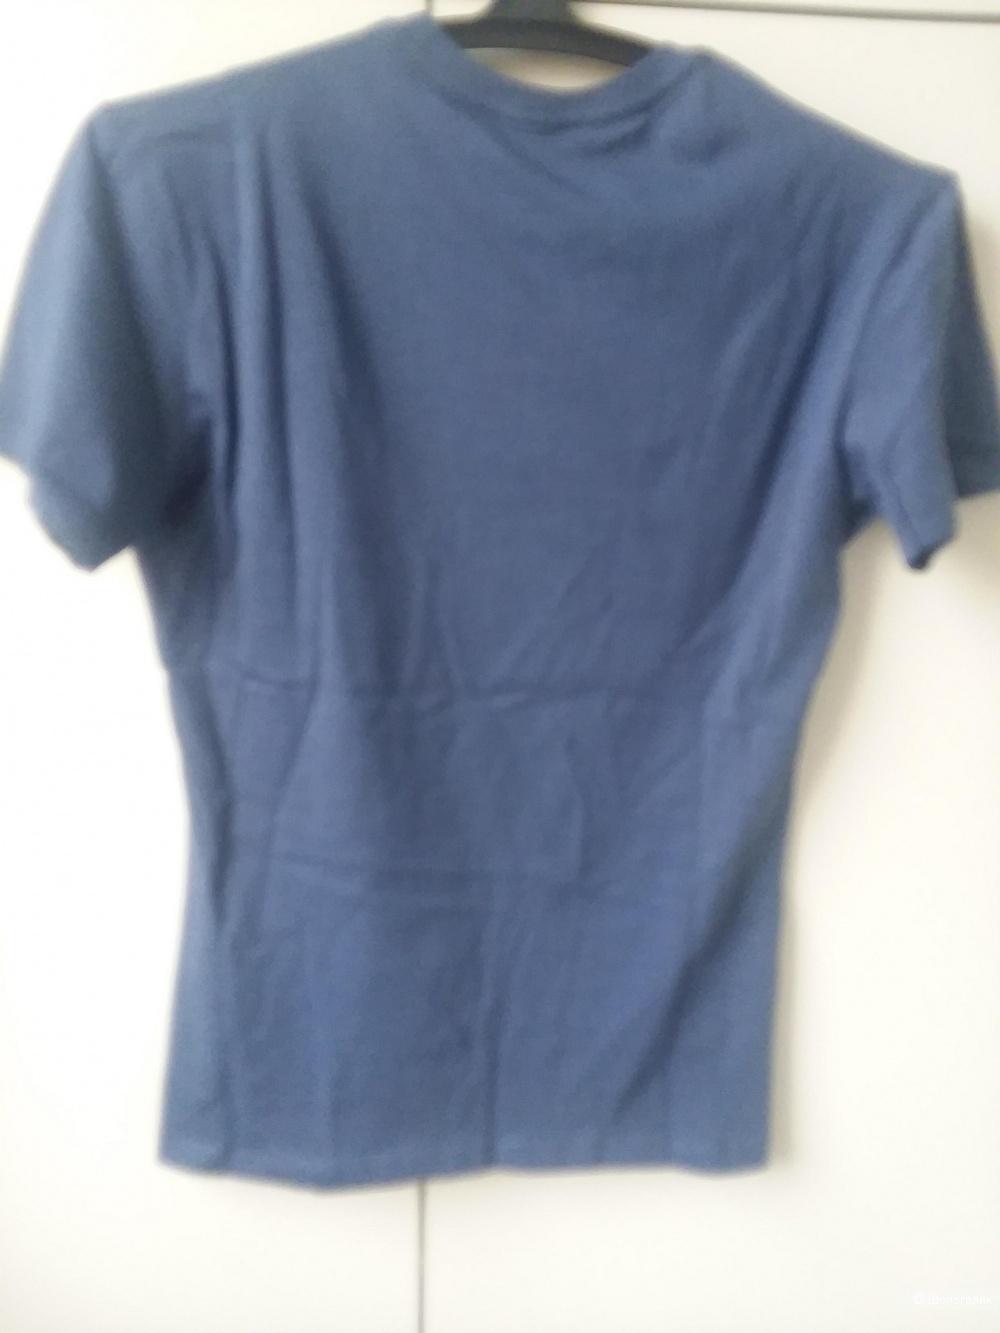 Мужская футболка MARINA YACHTING размер М